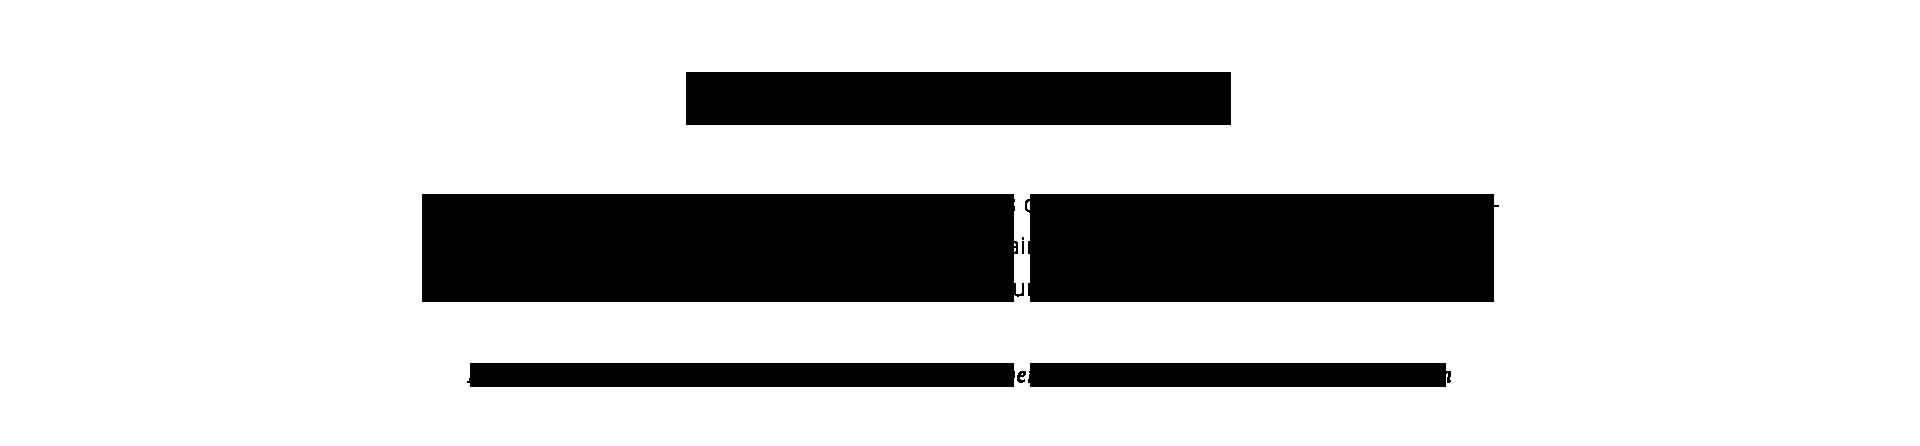 TexteVivan-texte_2